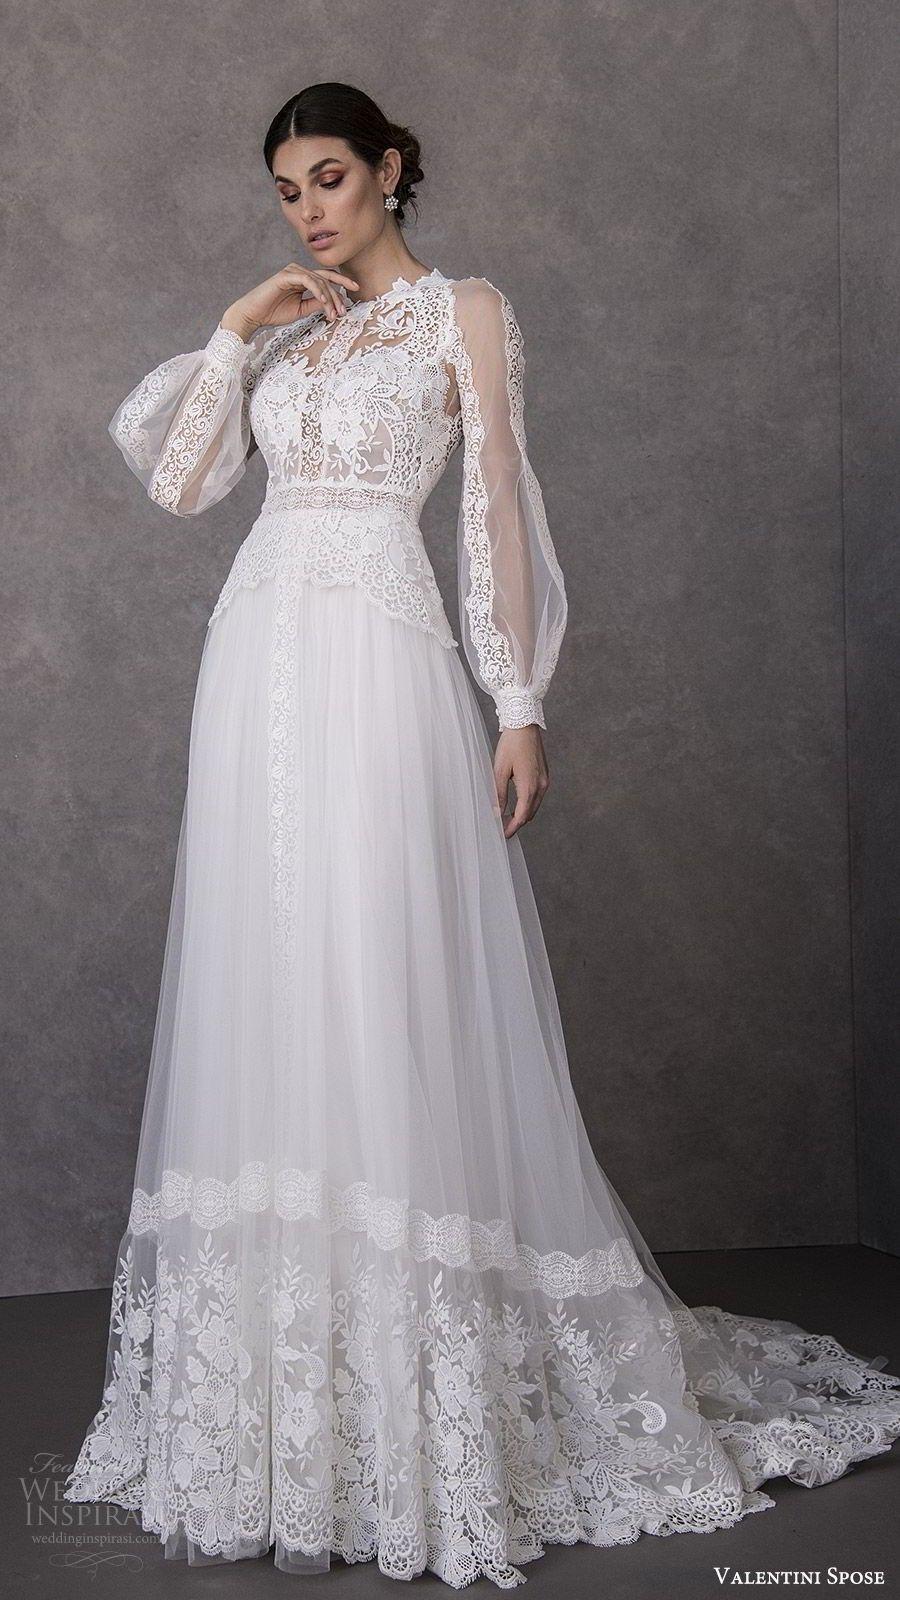 Valentini Spose Spring 20 Brautkleider  Braut, Hochzeit